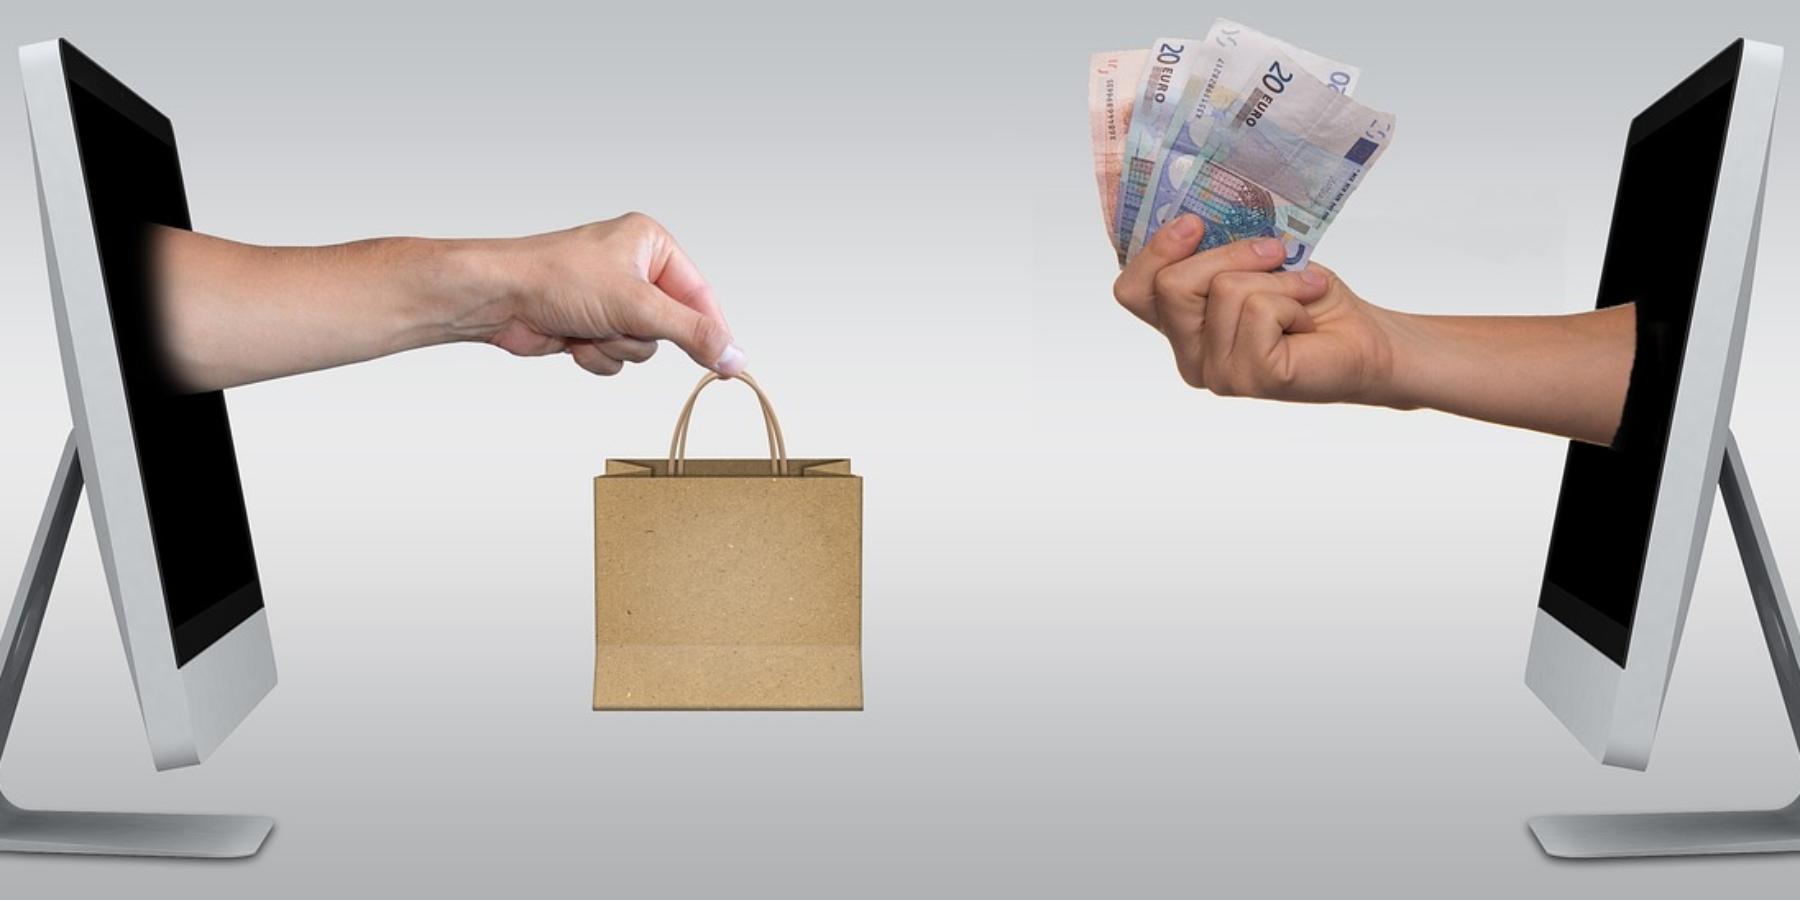 Za5 lat rynek e-commerce wPolsce będzie wart 162 mld zł